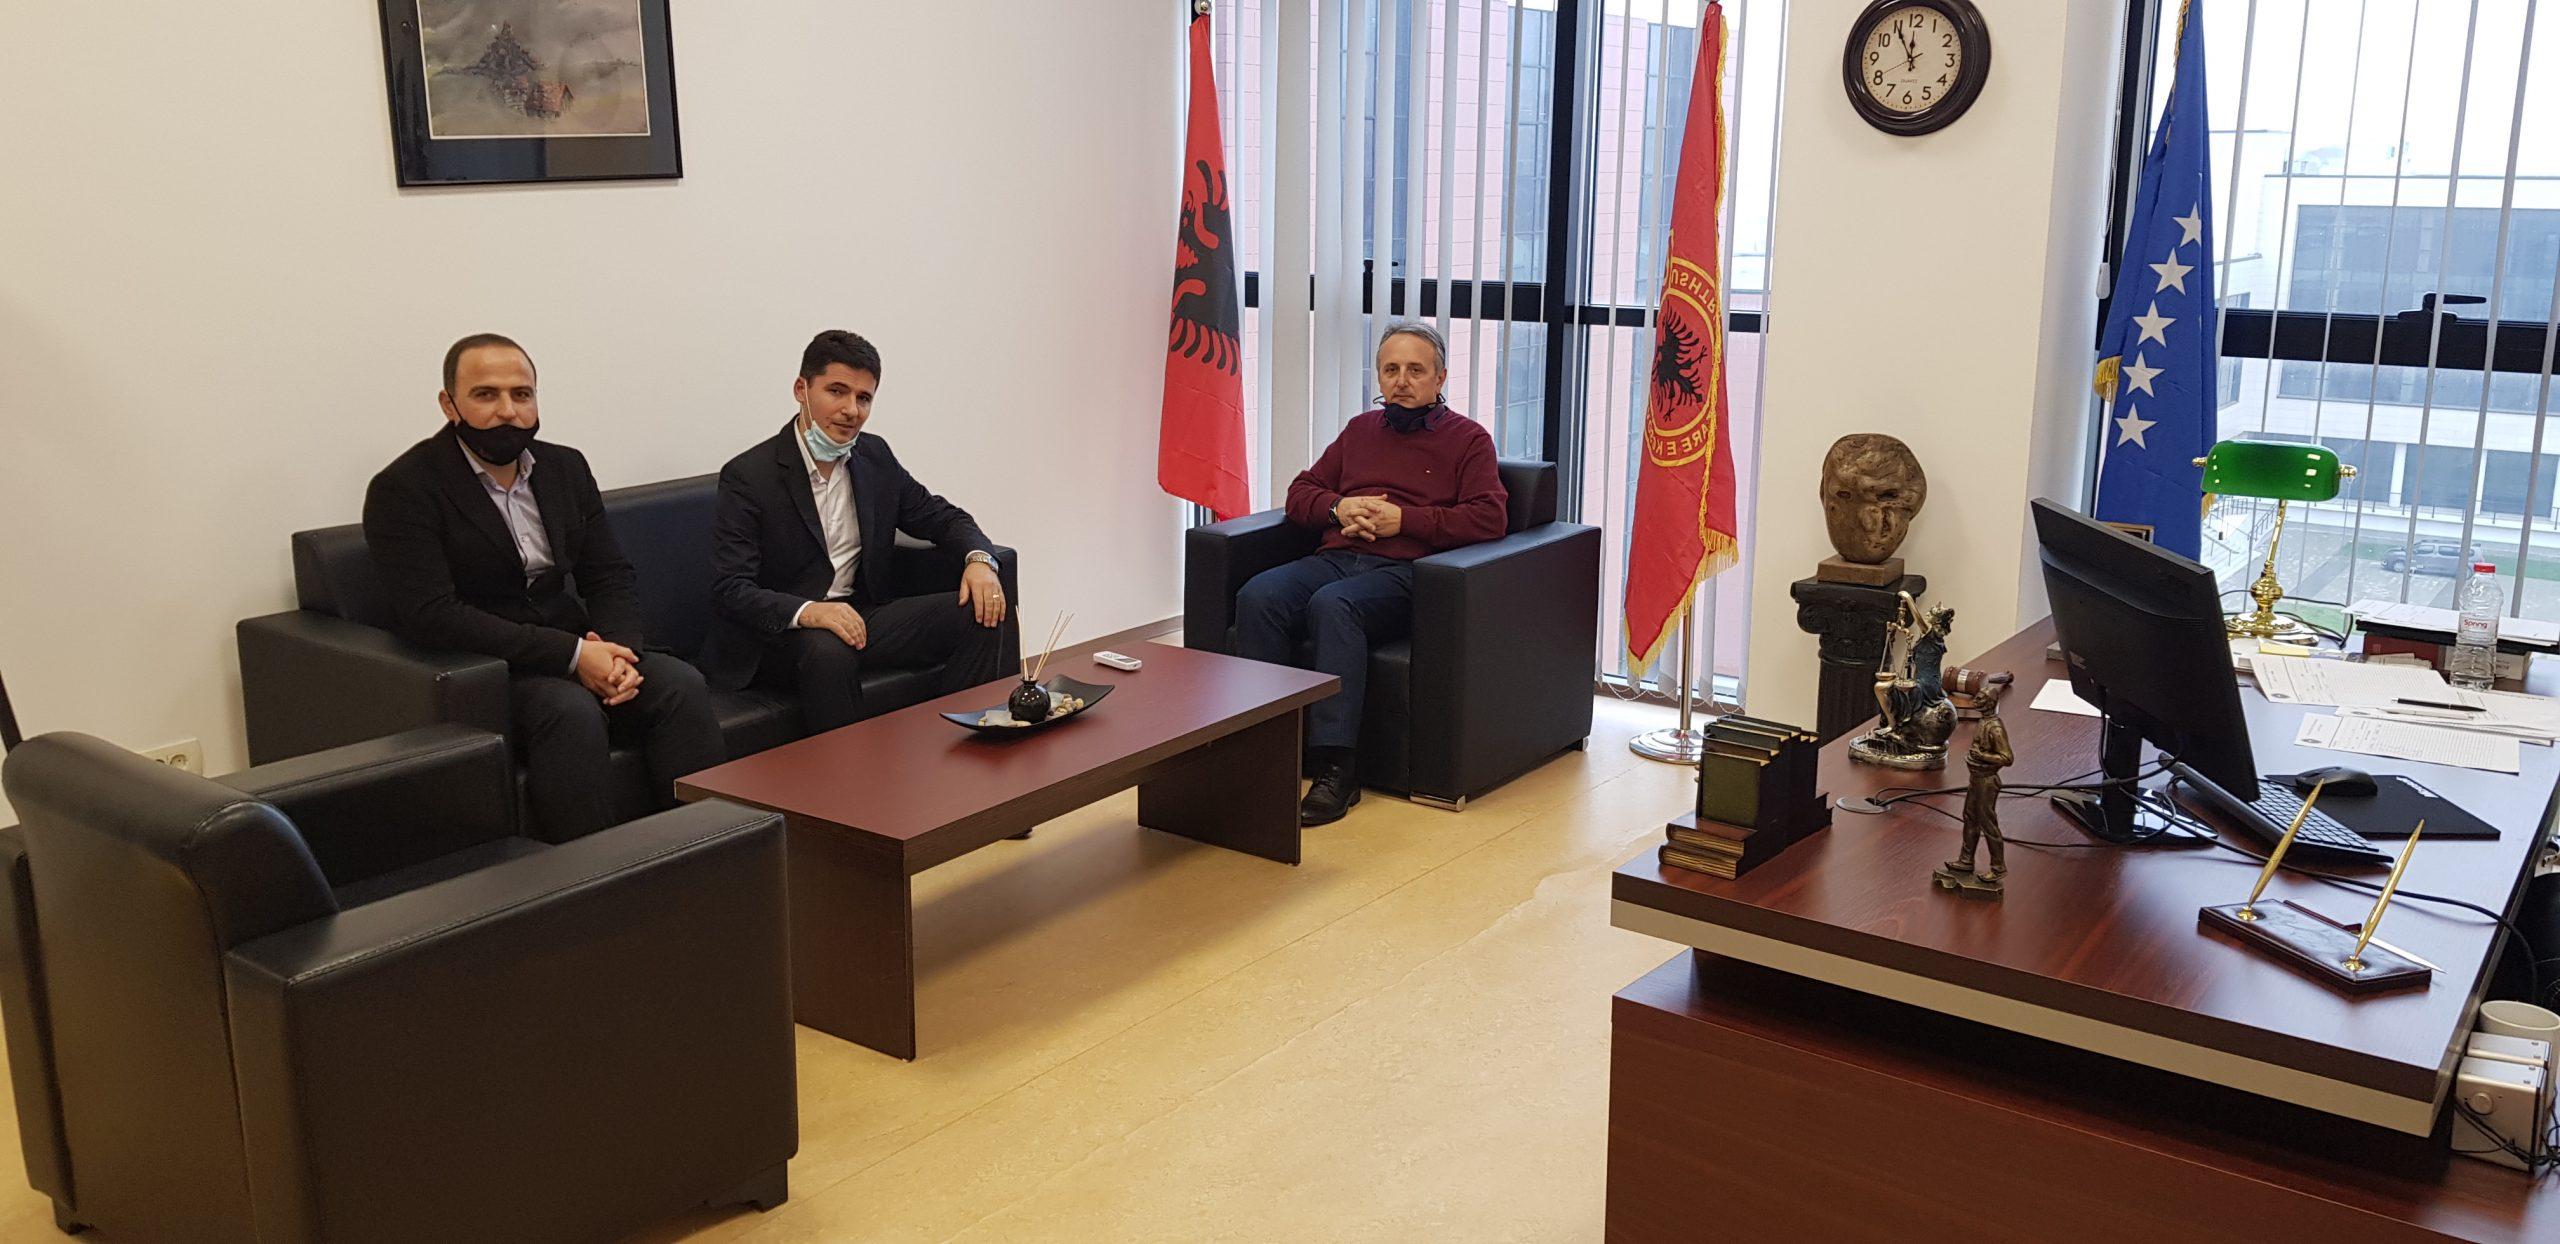 Dekani i Fakultetit Juridik priti në takim dy profesorët e rinjë të këtij fakulteti